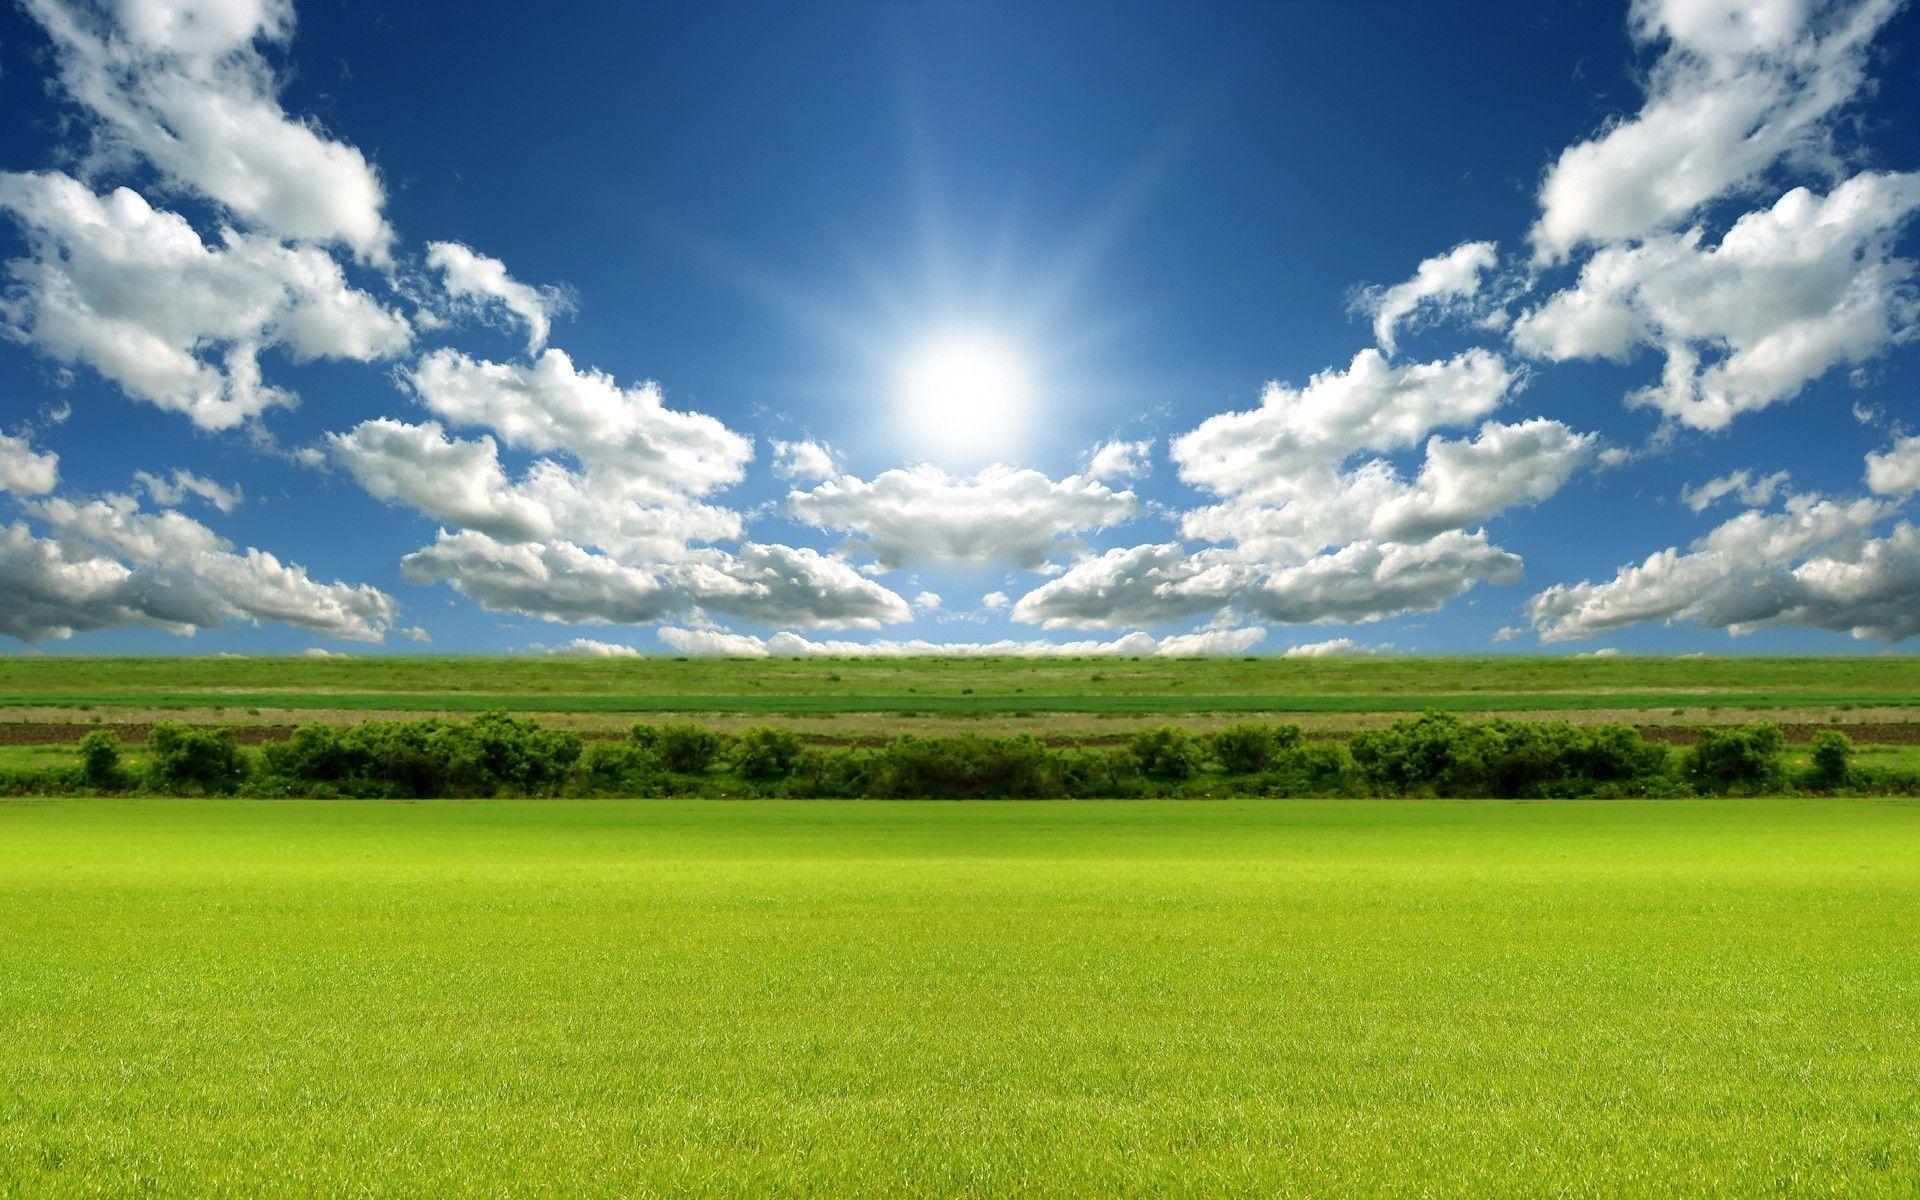 Nền 1920x1200 Mặt Trời Tự Nhiên Với Hình Nền HD Tốt Nhất Trên Đỉnh Cao